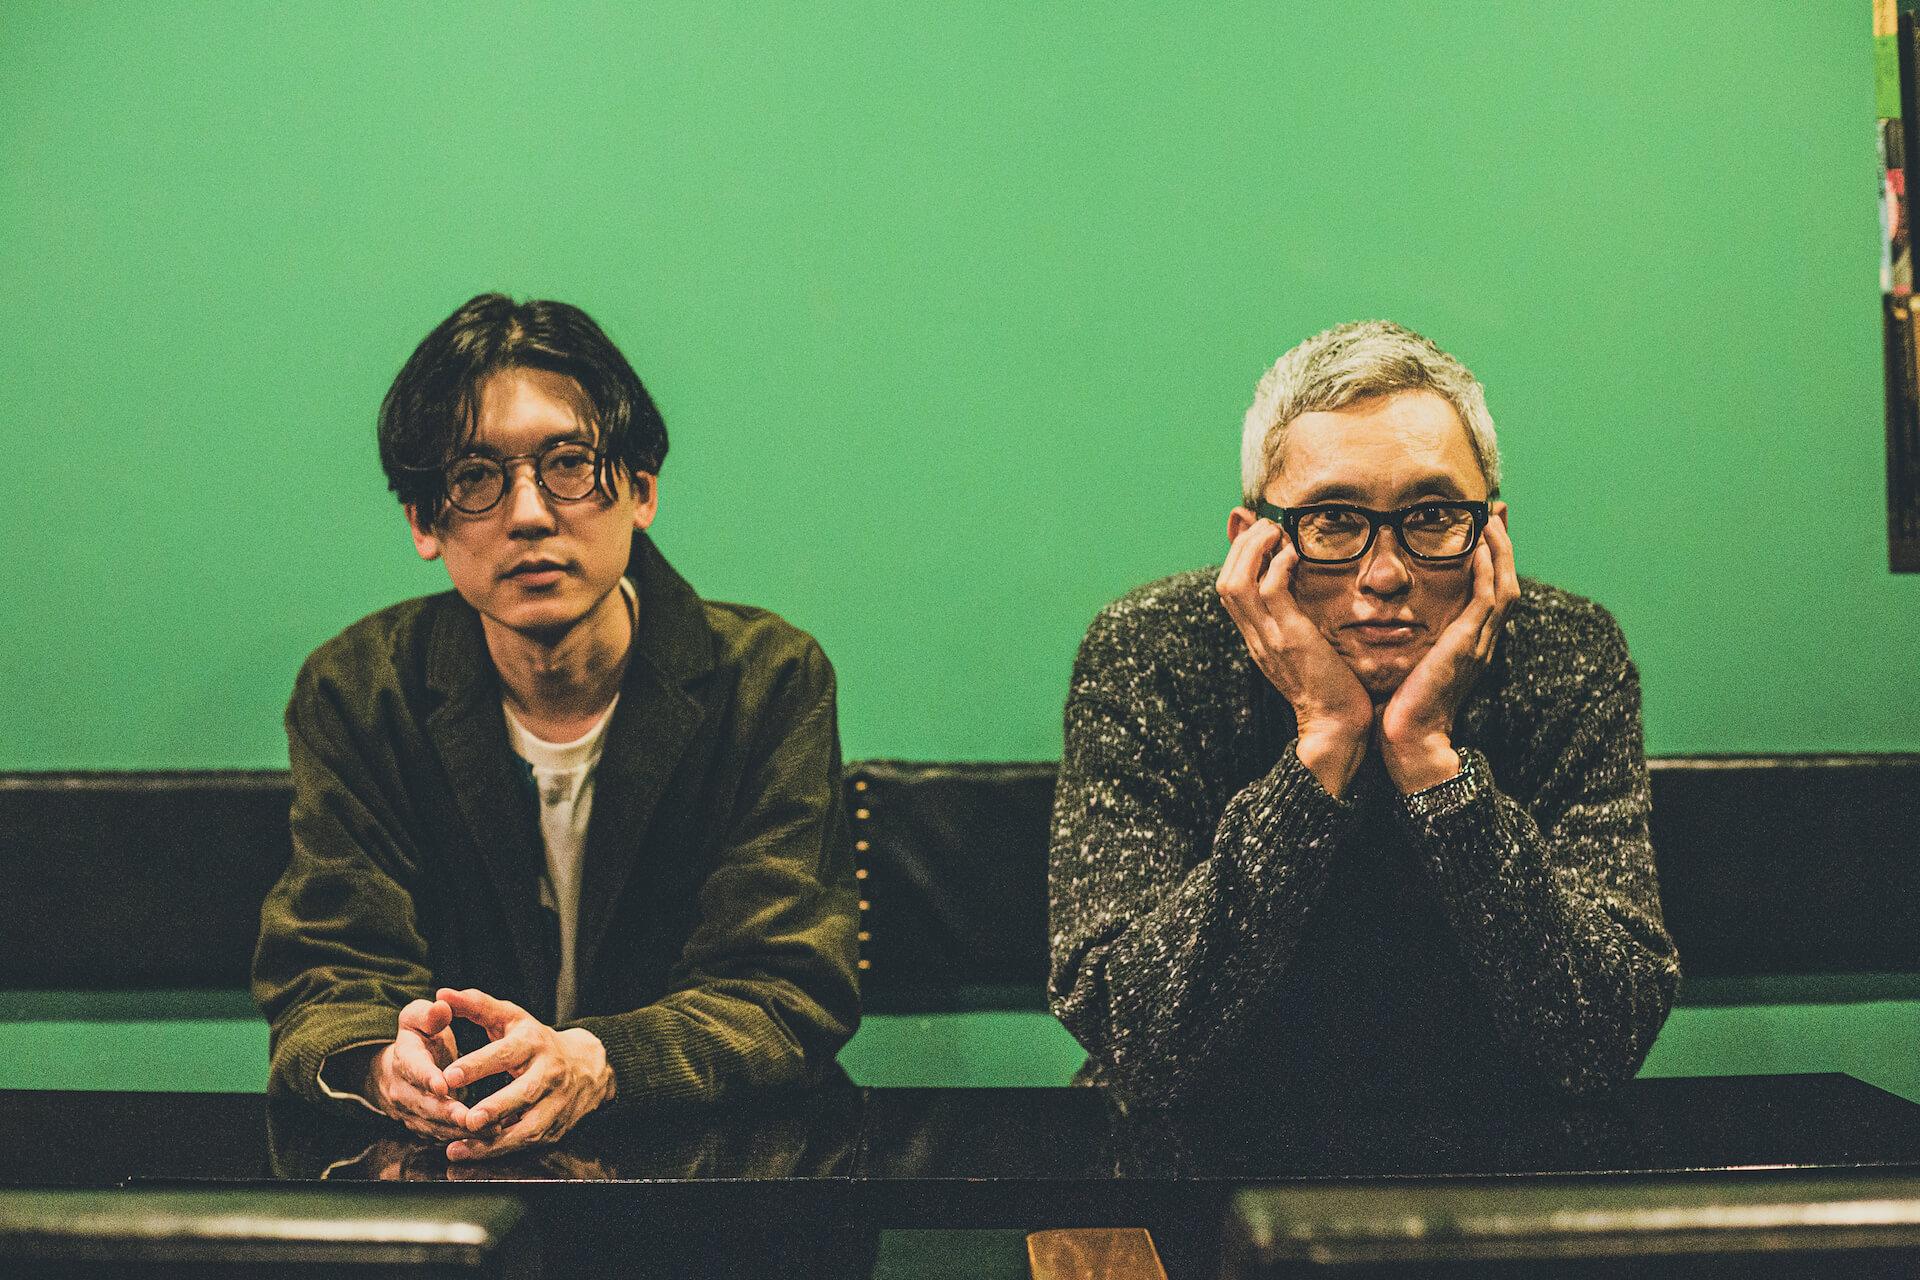 特別対談  前編:Kan Sano × 松重 豊 |出逢いとニューアルバムとMPC music201210_kansano-main1